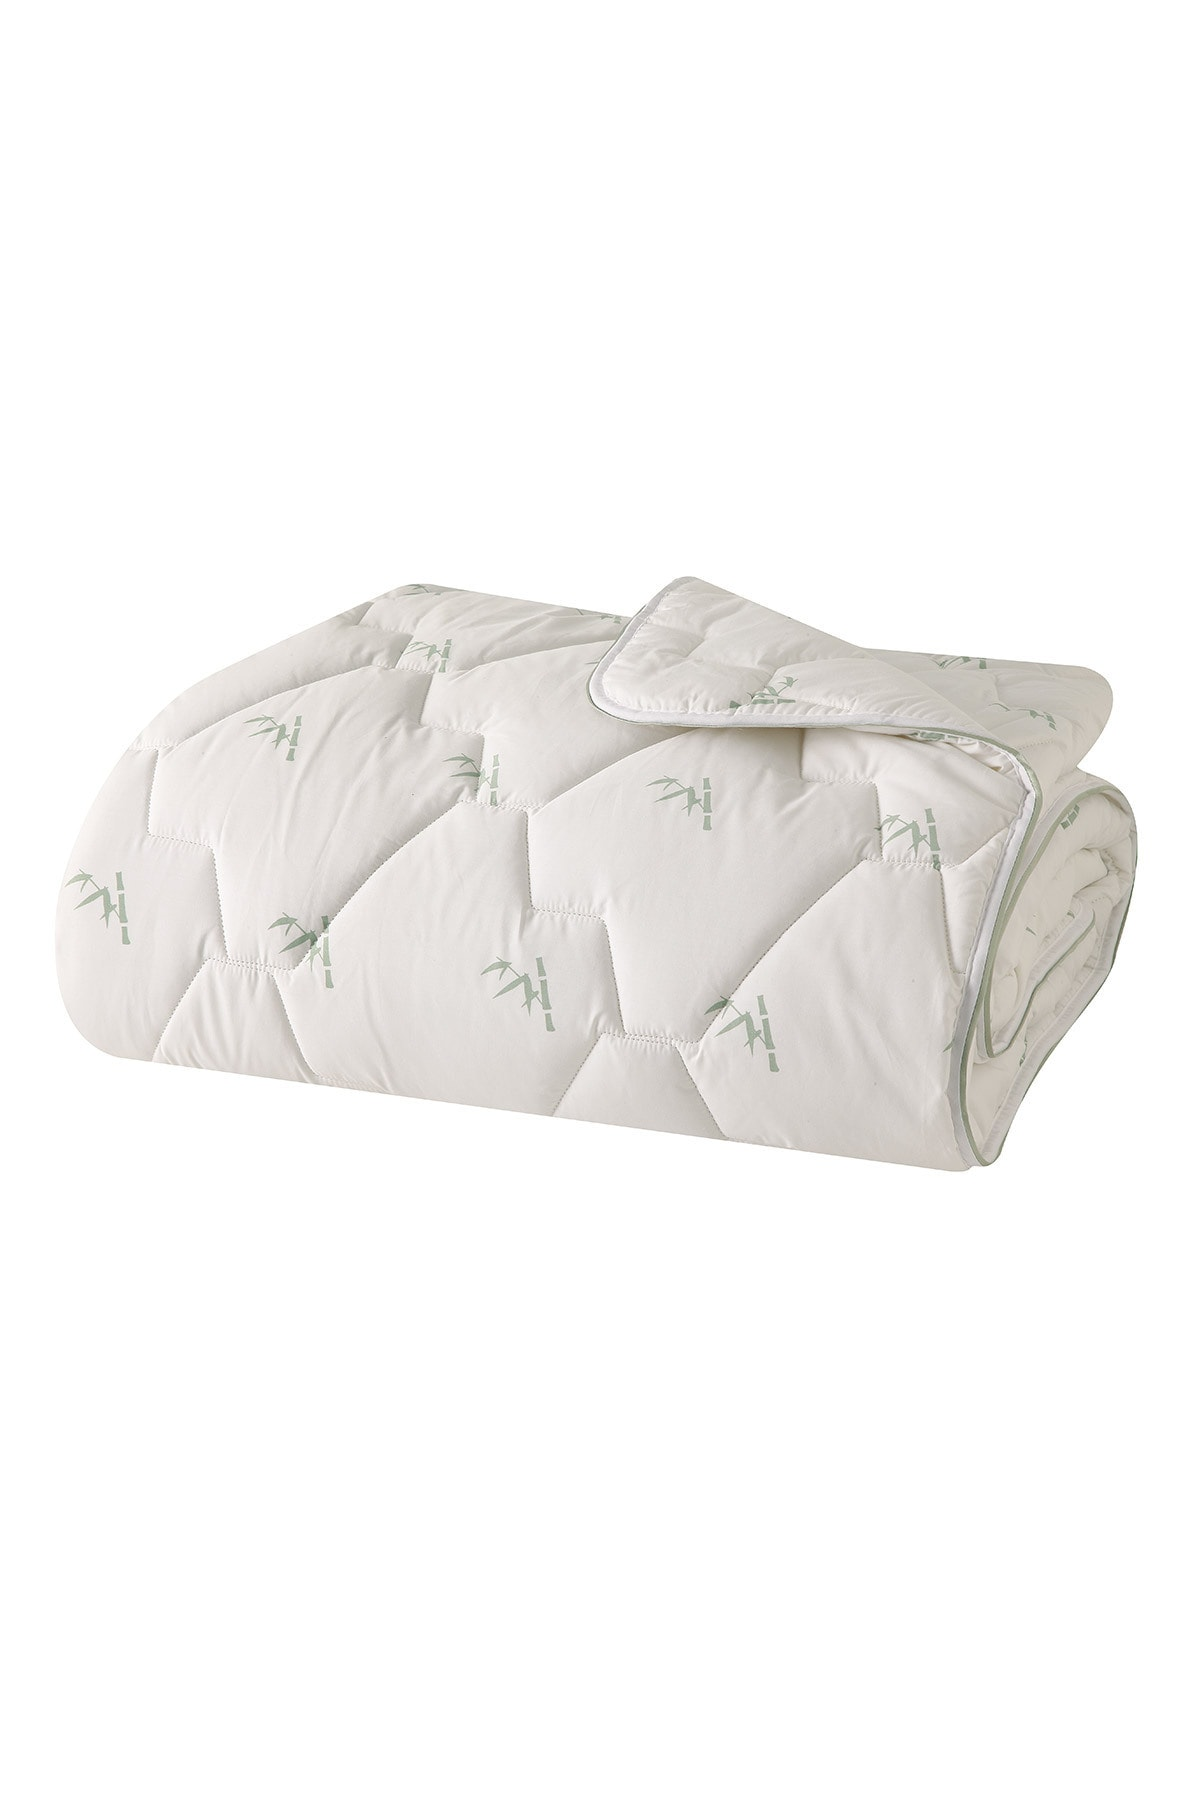 Yataş Bedding Bambu Tek Kişilik Yorgan 2